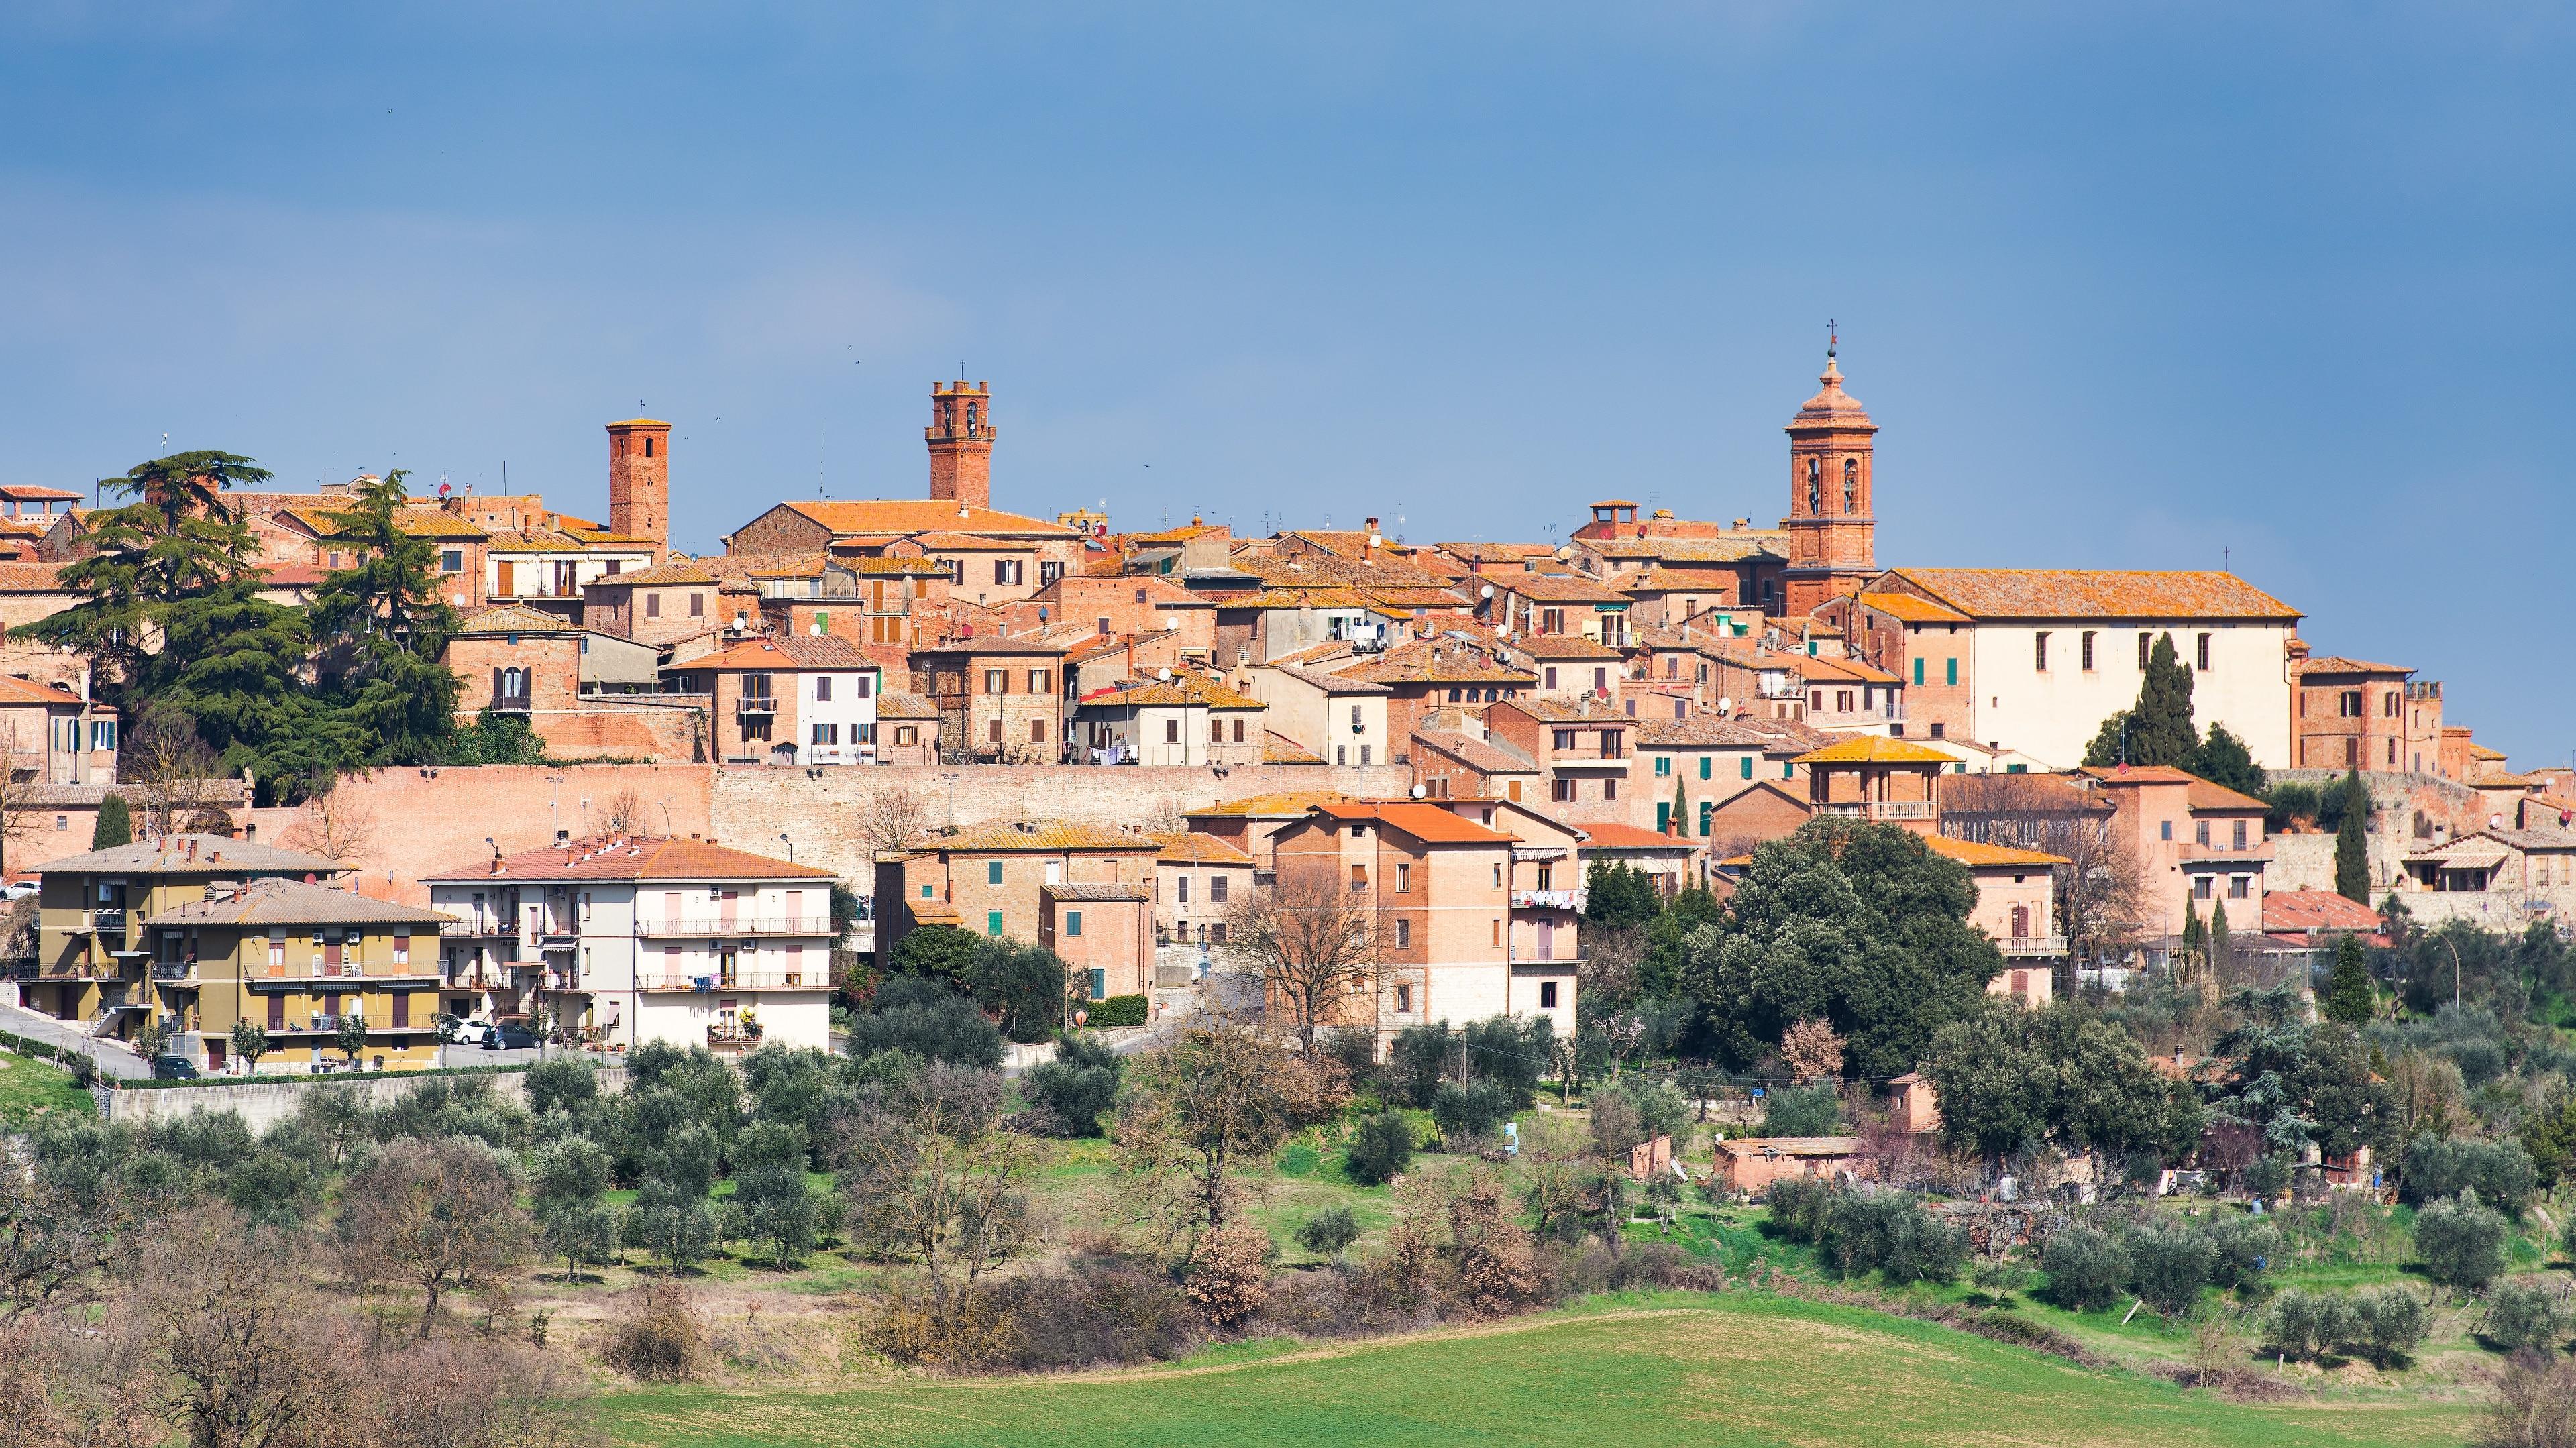 Torrita di Siena, Toskana, Italien